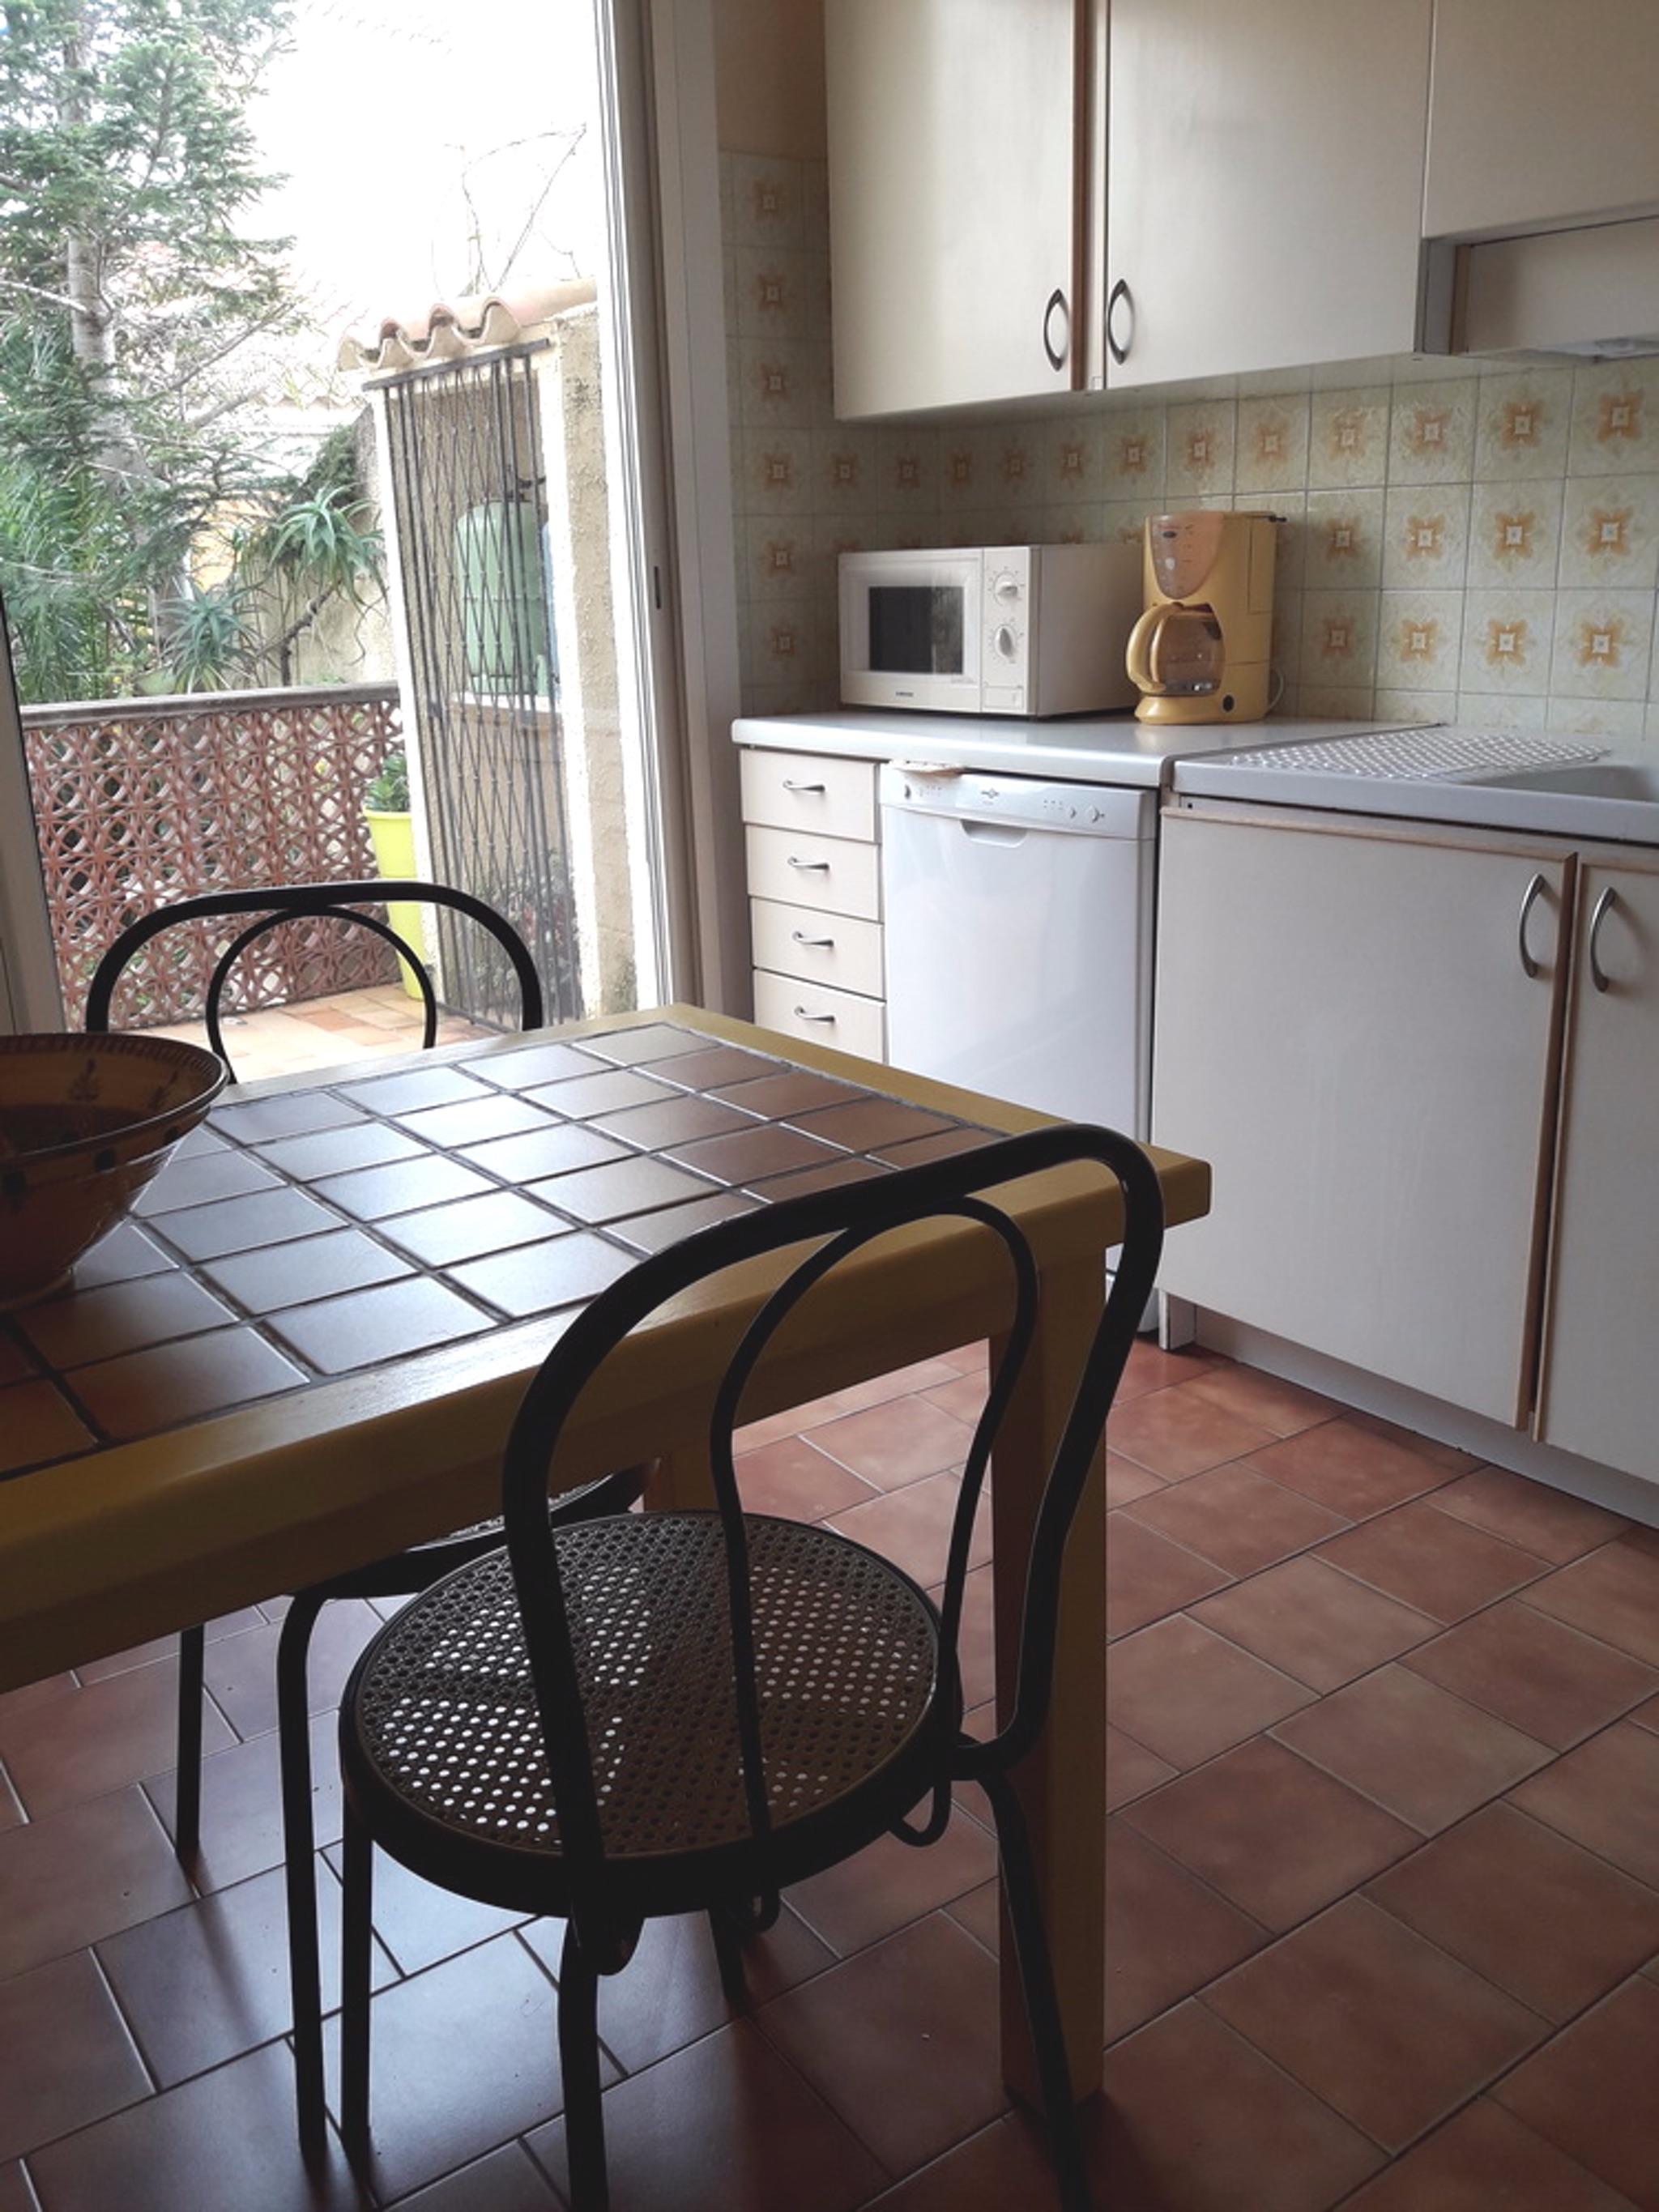 Ferienhaus Haus mit 2 Zimmern in Sainte-Marie mit eingezäuntem Garten - 150 m vom Strand entfernt (2202719), Sainte Marie la Mer, Mittelmeerküste Pyrénées-Orientales, Languedoc-Roussillon, Frankreich, Bild 10